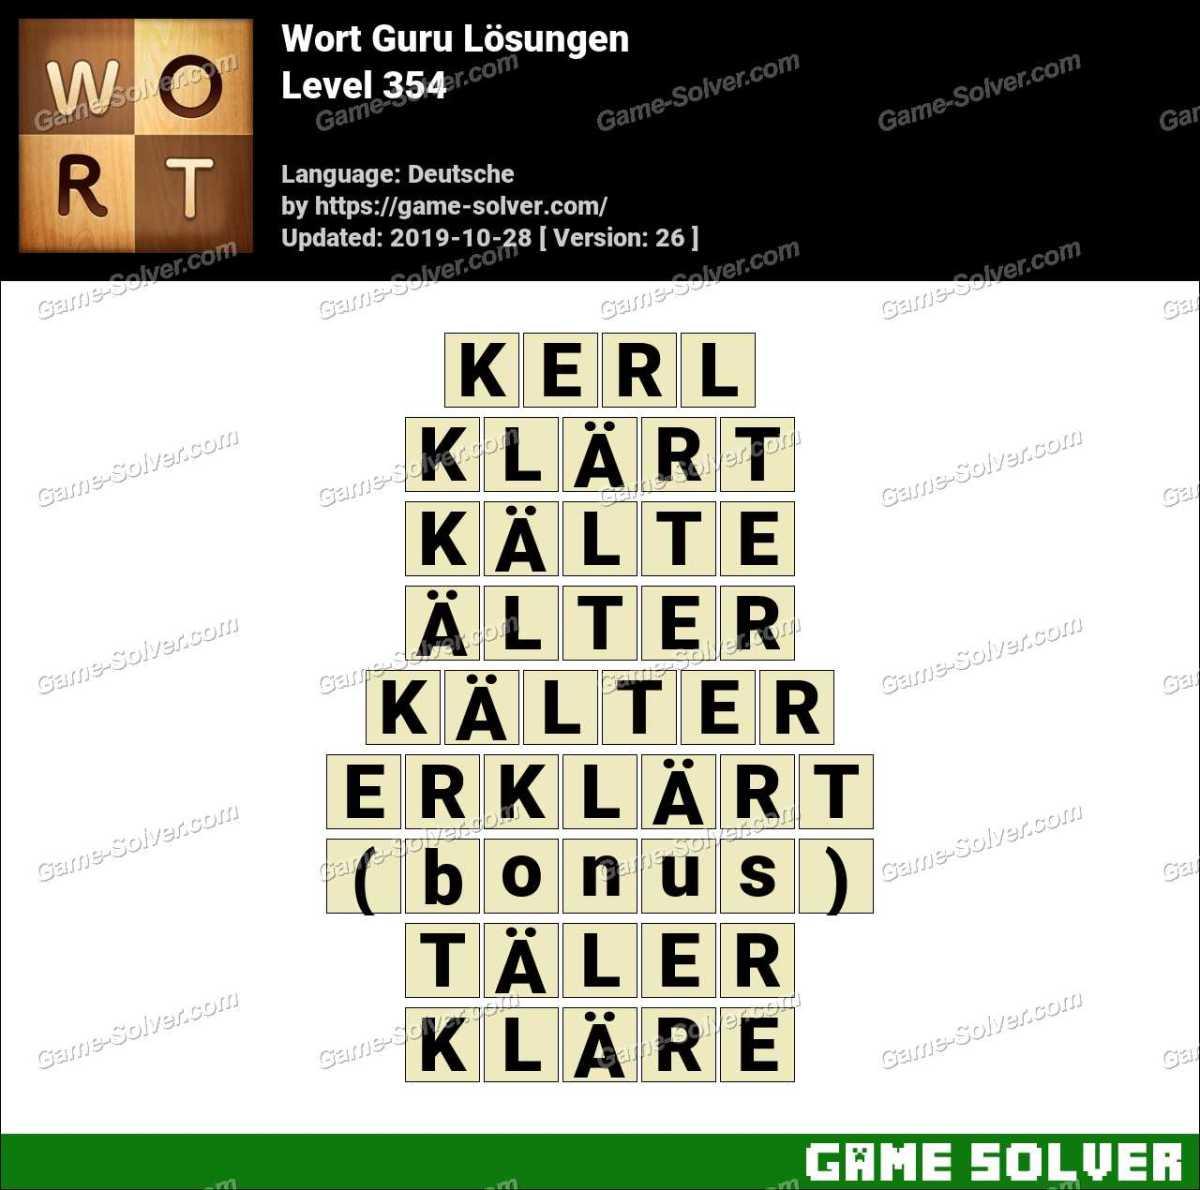 Wort Guru Level 354 Lösungen